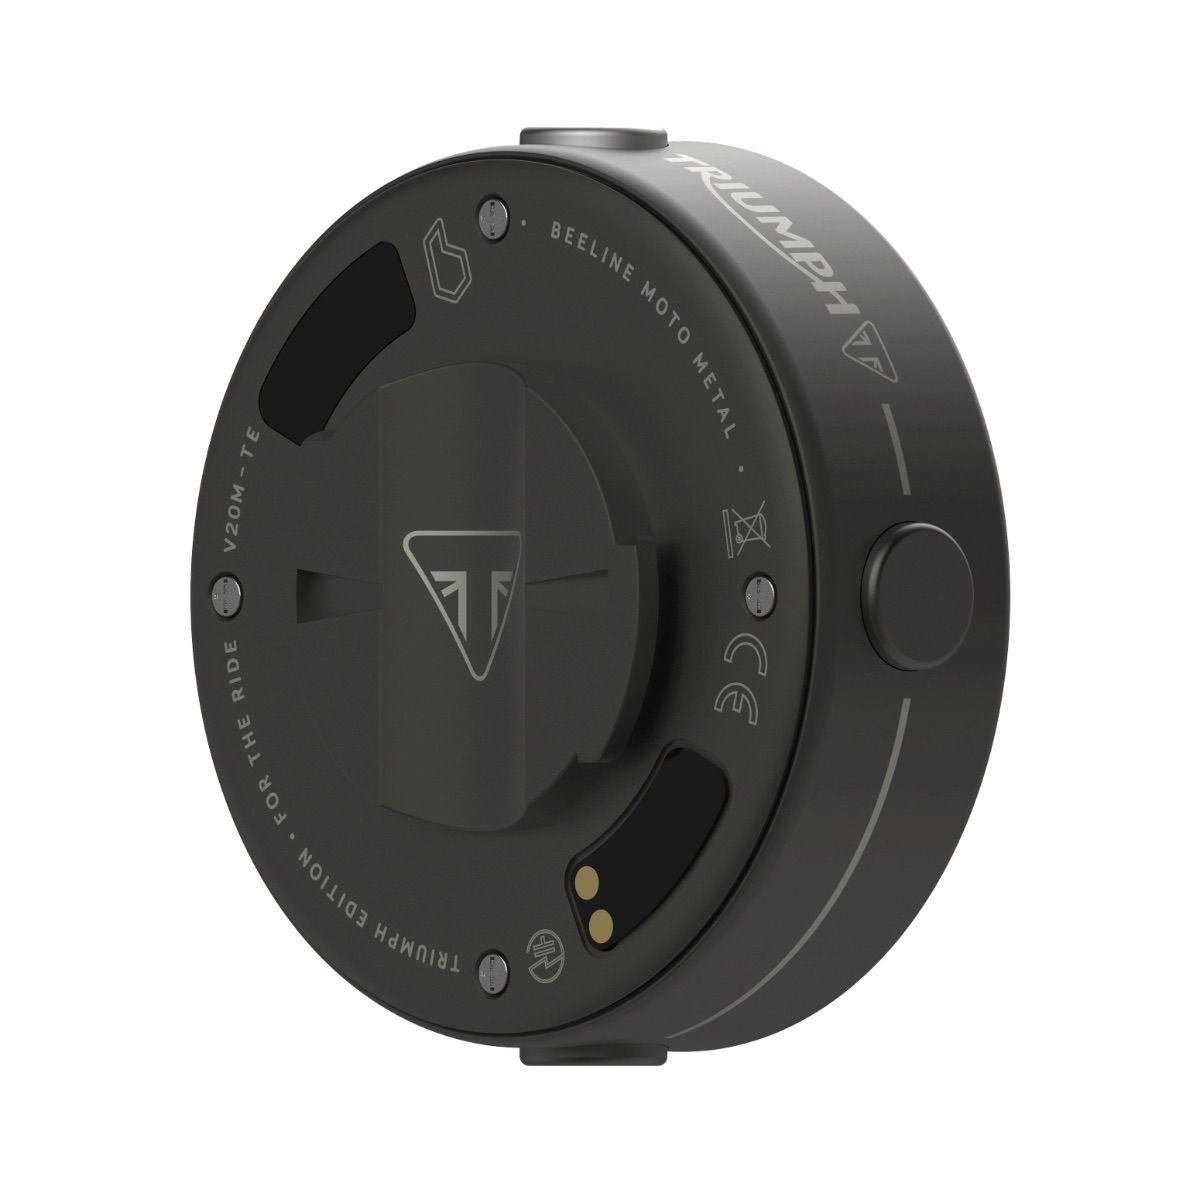 Triumph y Beeline se alían y lanzan un GPS exclusivo para Triumph